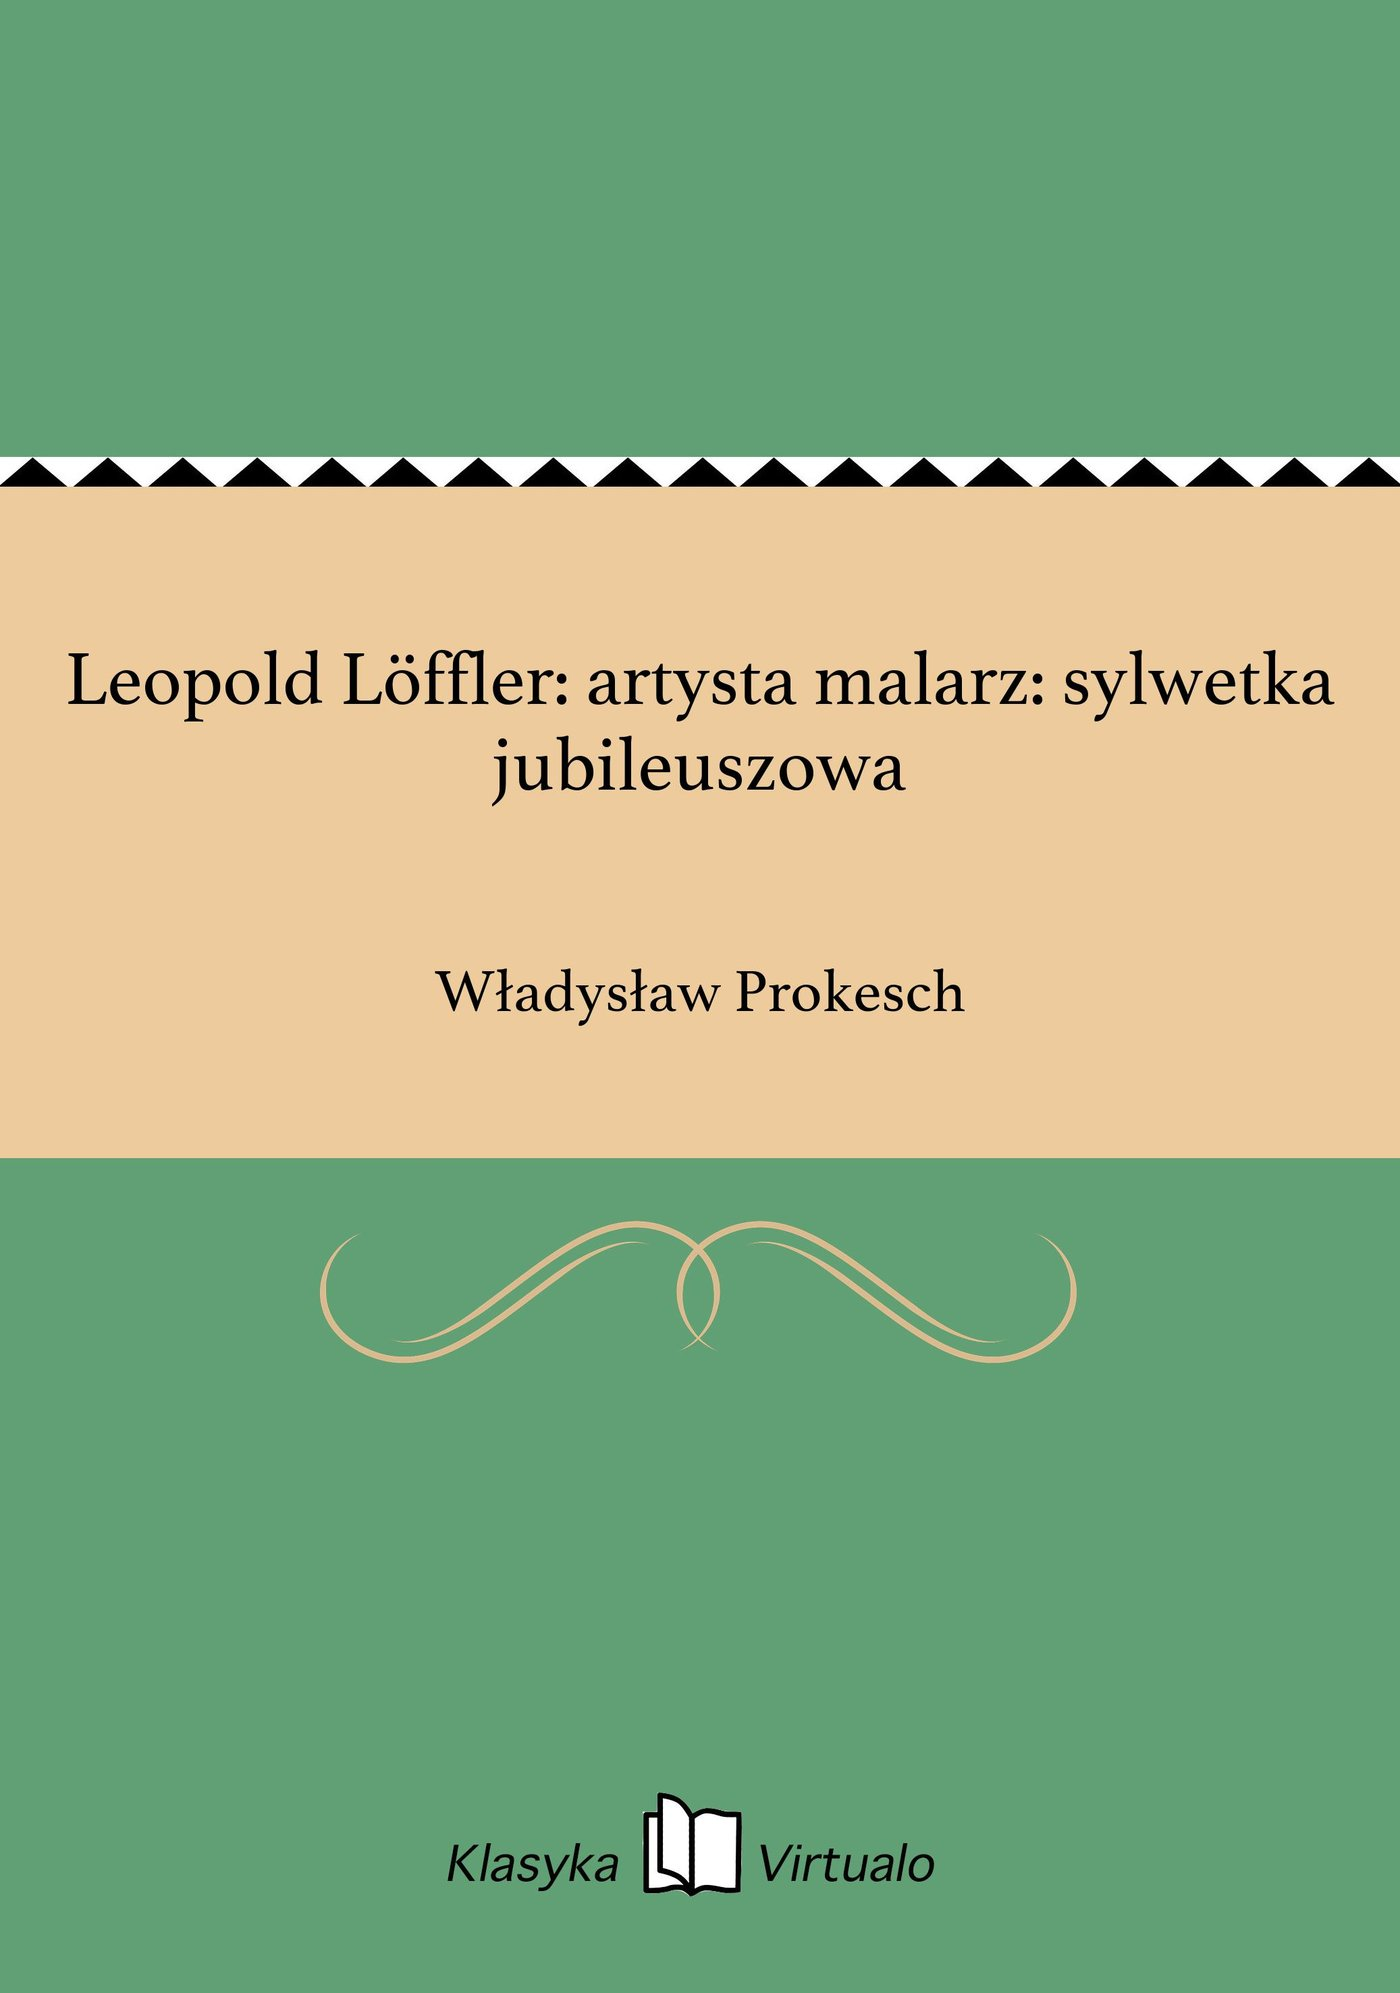 Leopold Löffler: artysta malarz: sylwetka jubileuszowa - Ebook (Książka EPUB) do pobrania w formacie EPUB